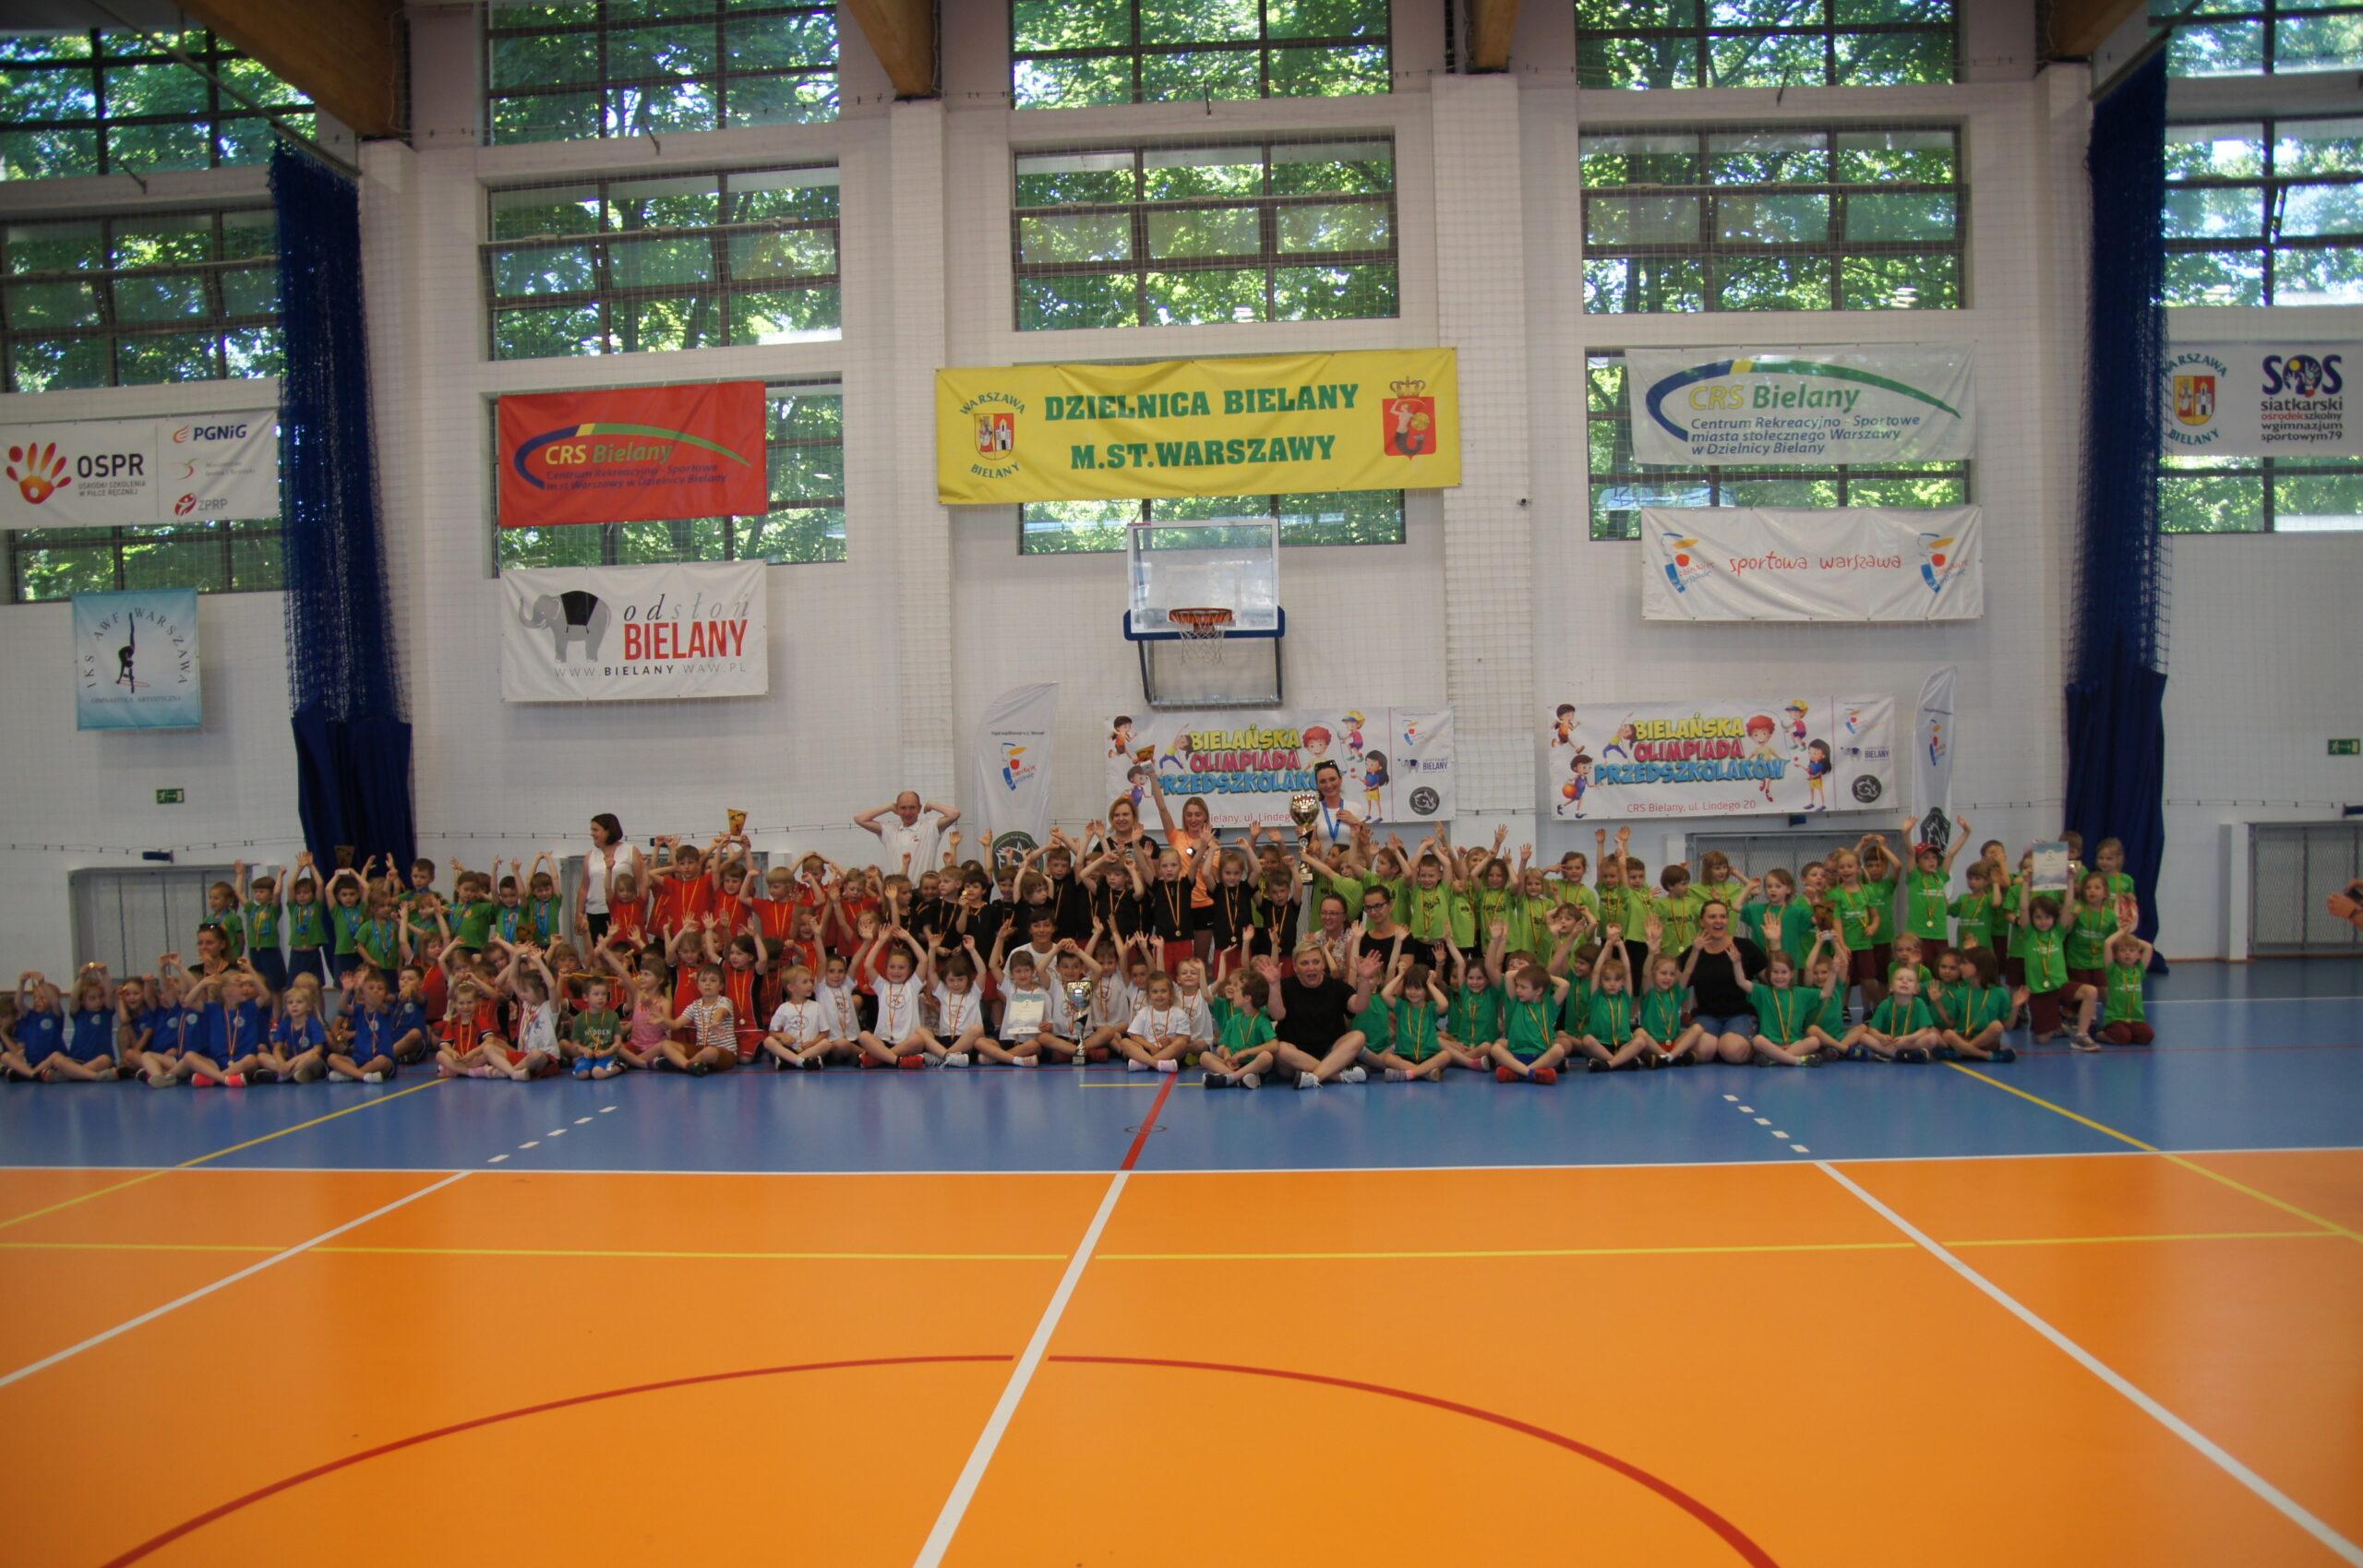 Duża ilość dzieci na zbiorowym zdjęciu wraz z nauczycielami i trenerami.